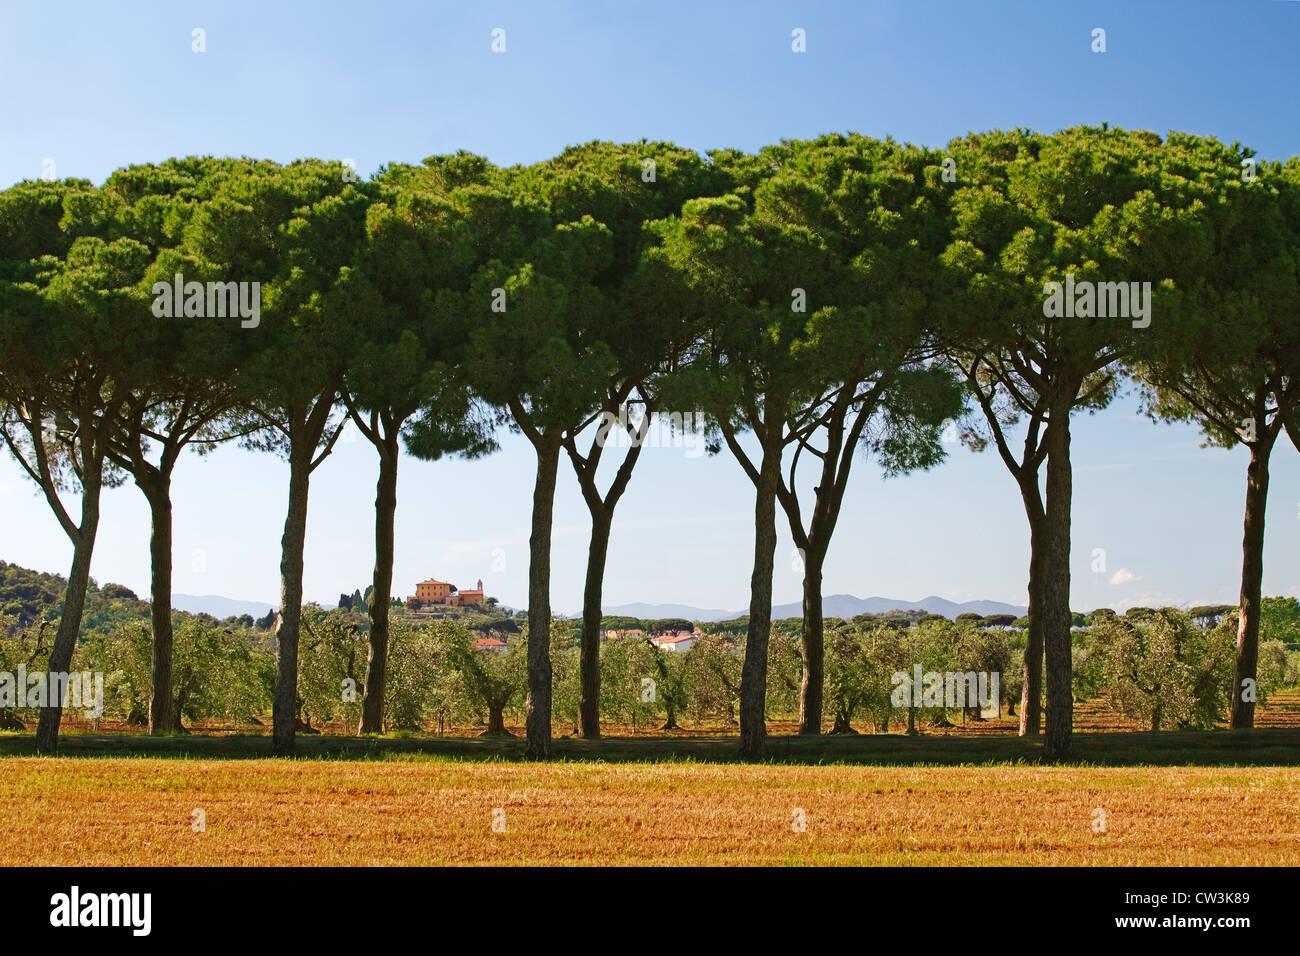 Maremma - Parco Naturale - alberi di pino - Italia Immagini Stock